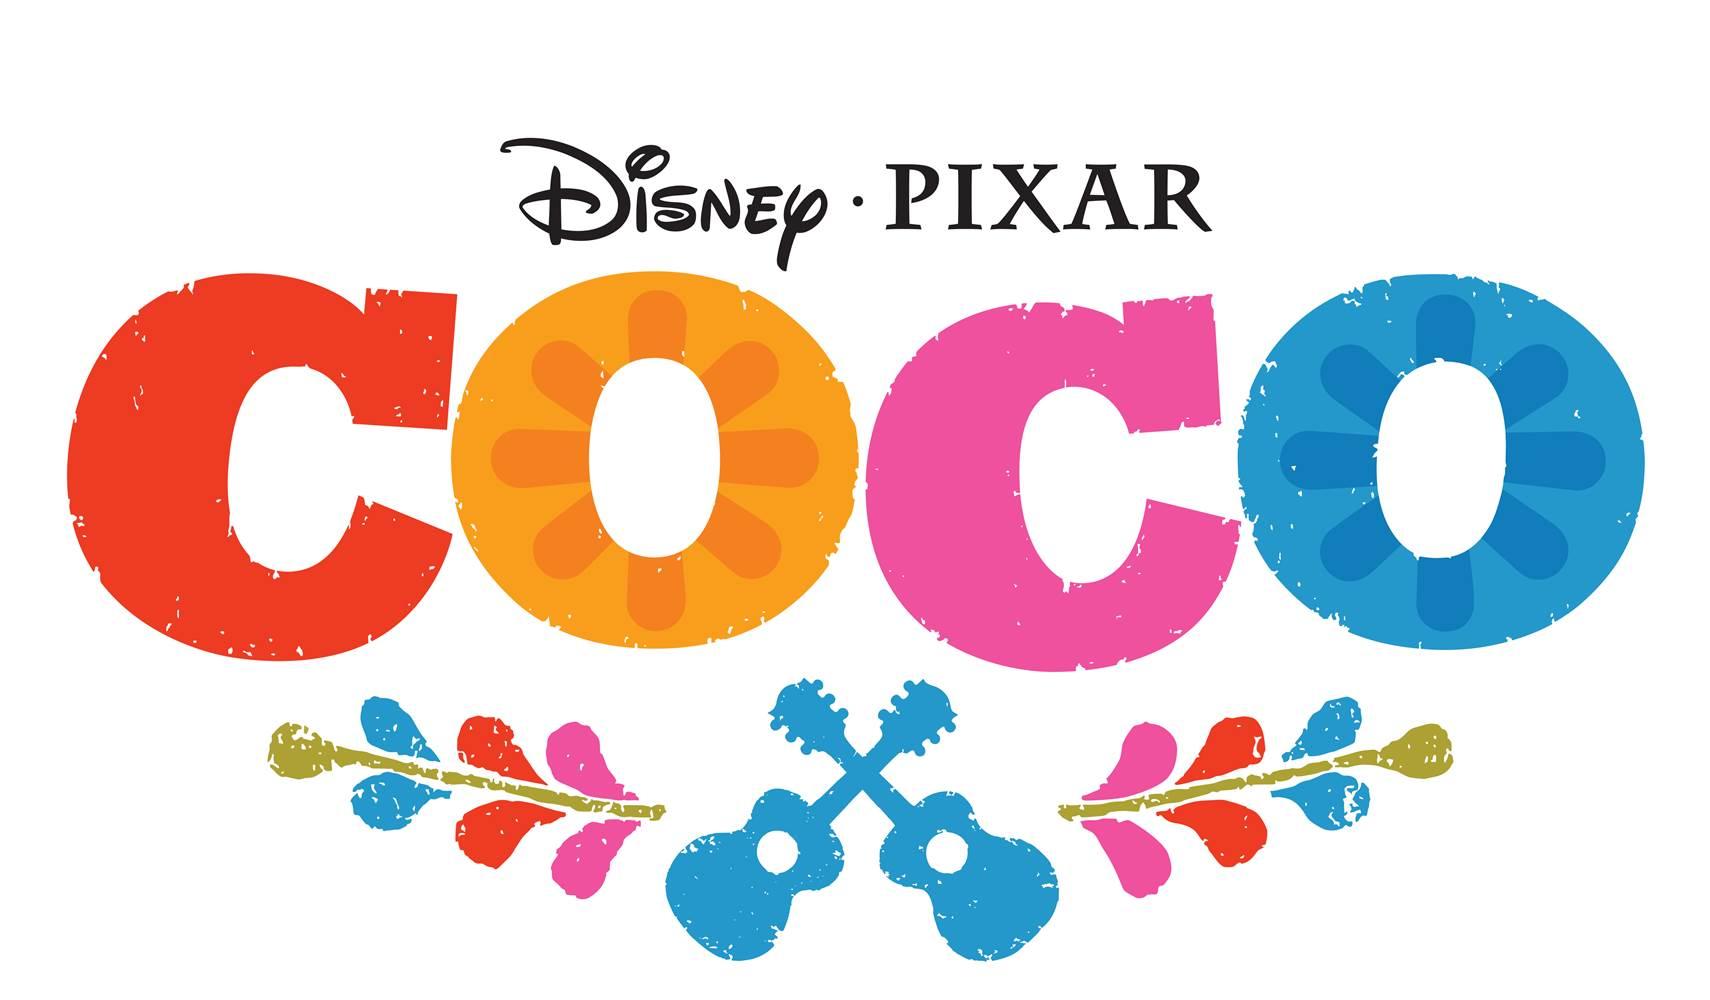 Coco Pixar Movie Logo